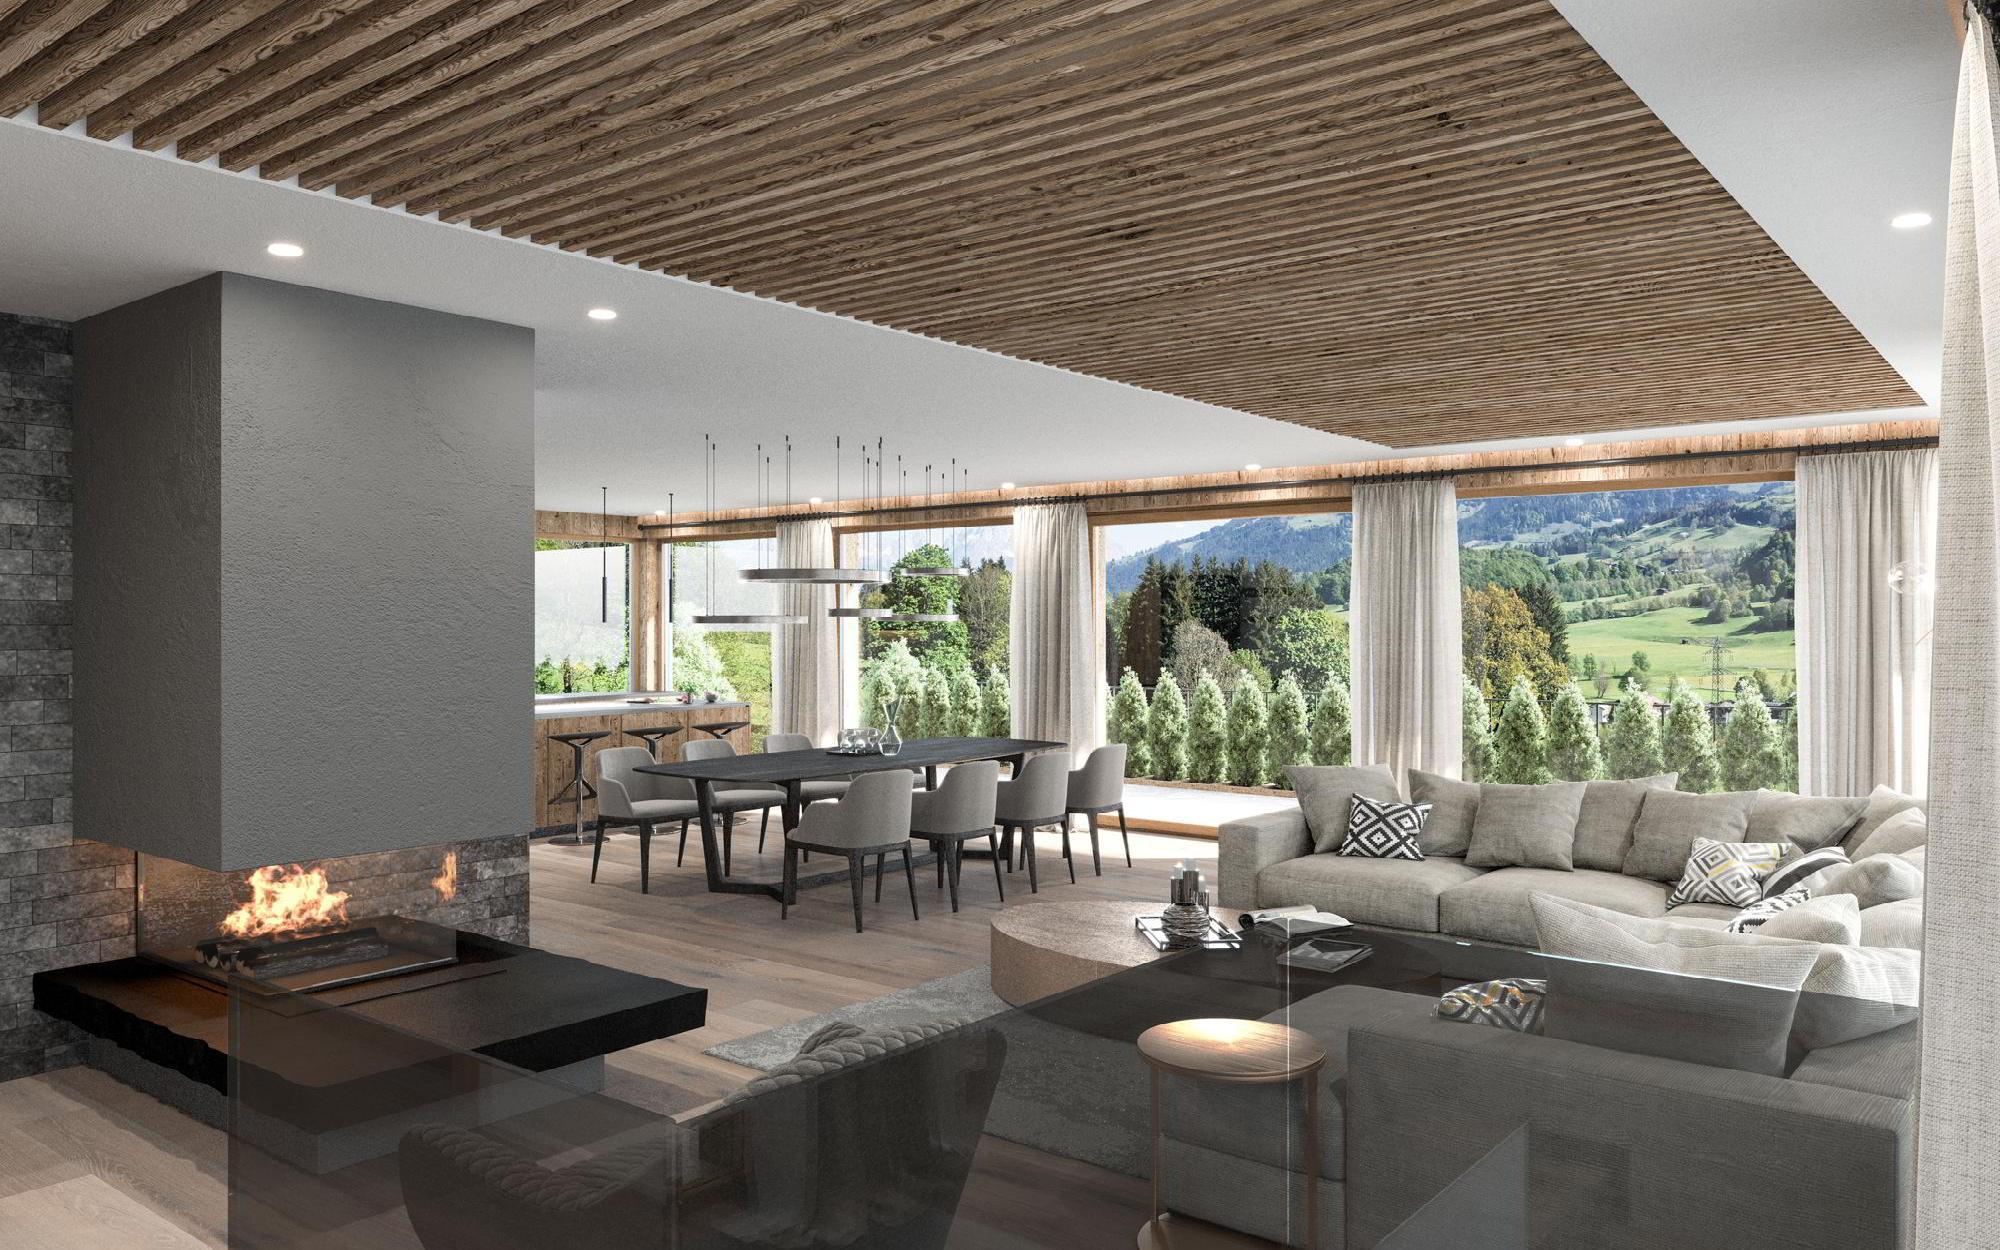 Новые роскошные апартаменты в престижном районе Аурах на продажу, Аурах-бай-Кицбюэль